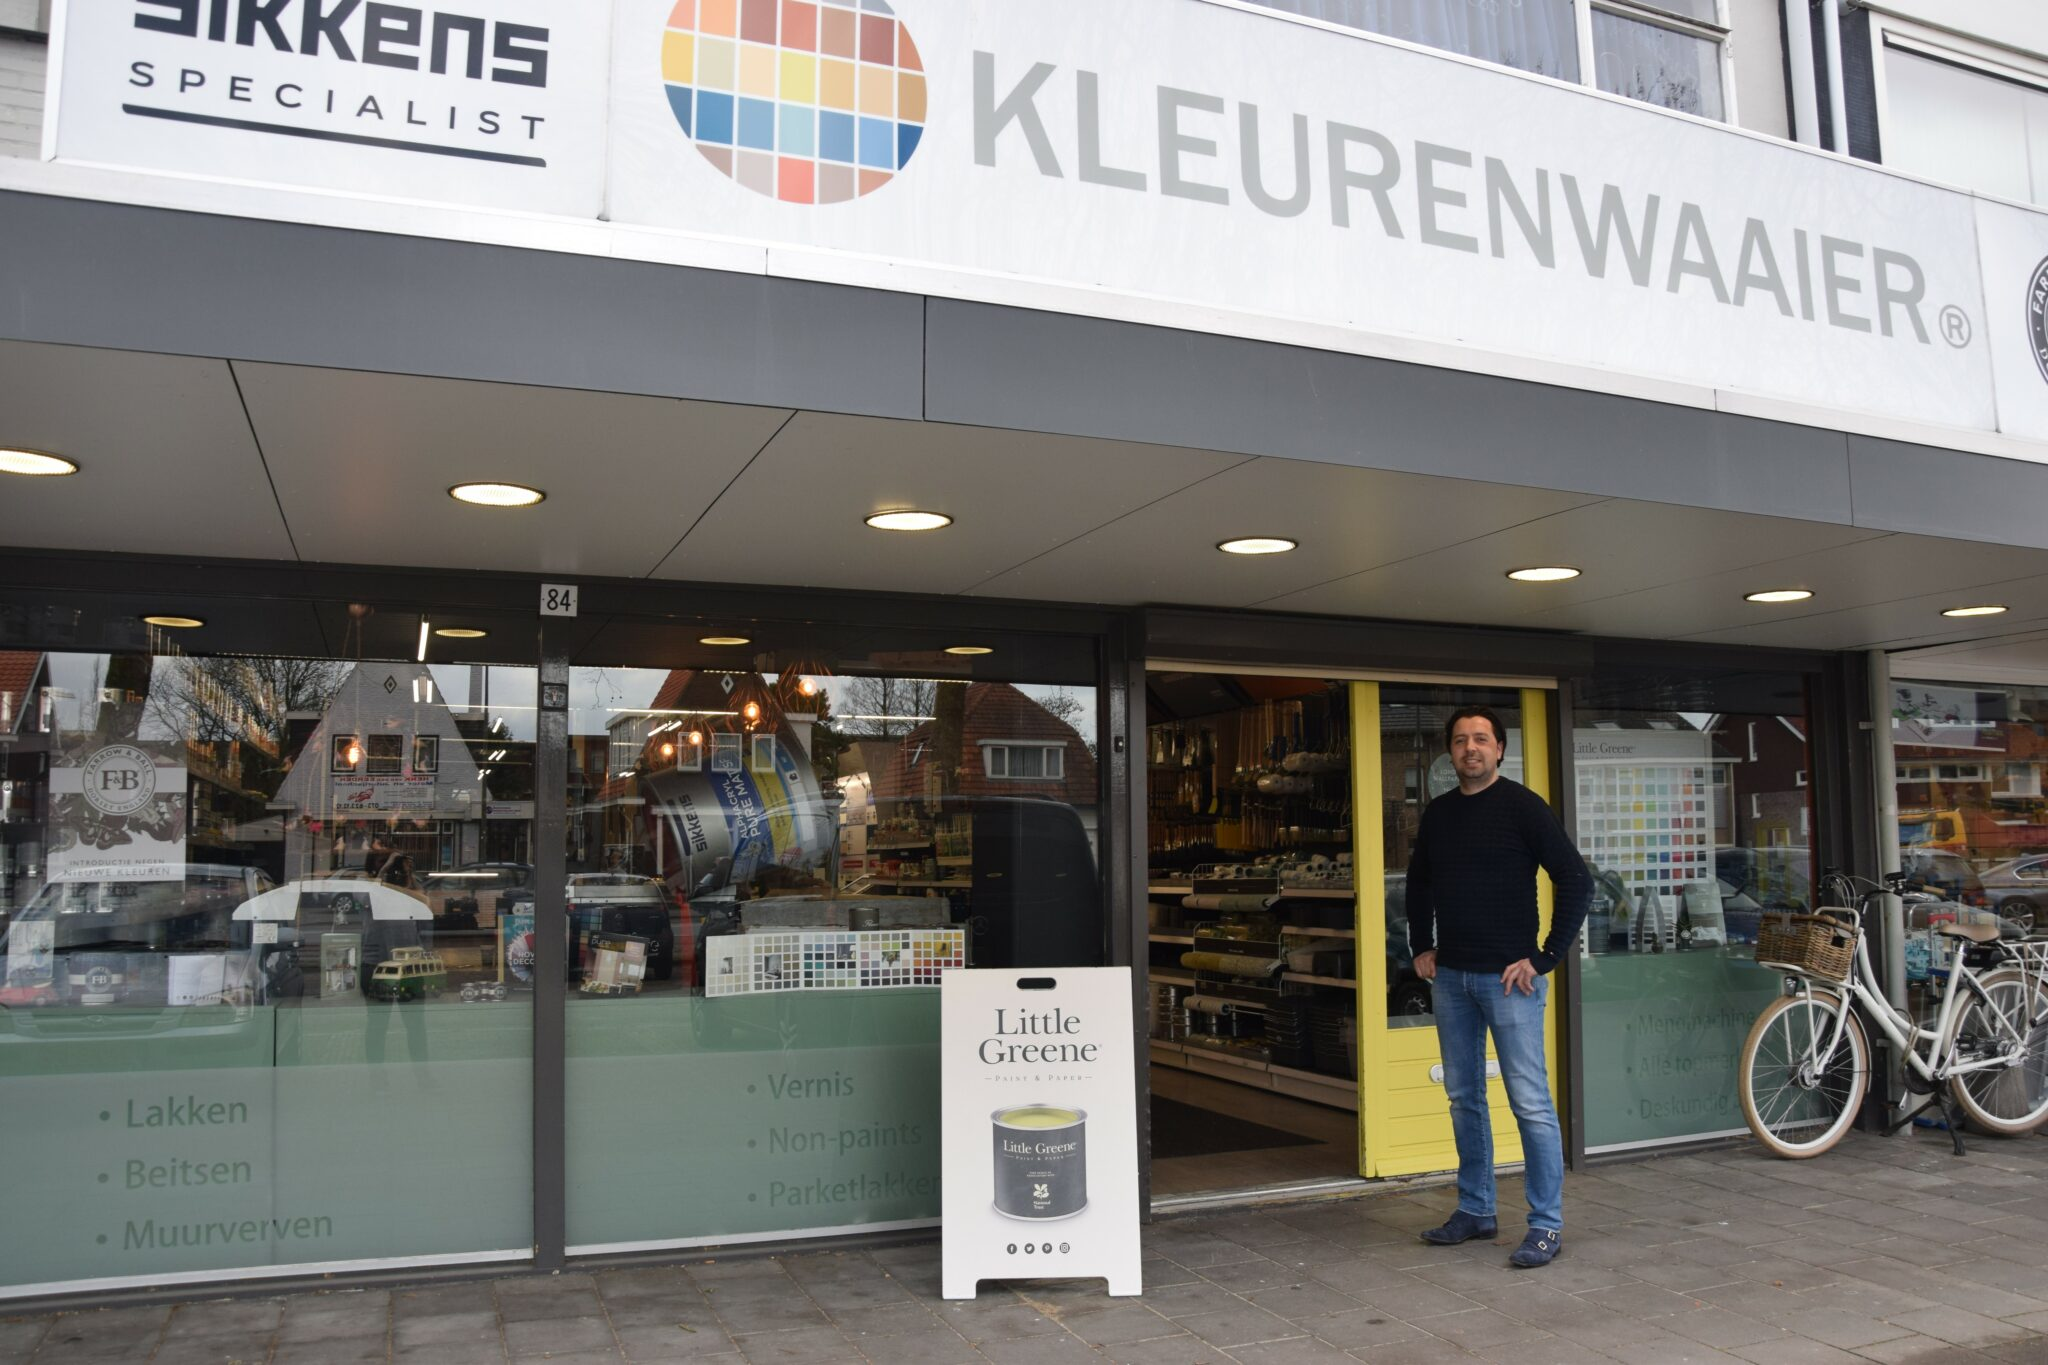 Kleurenwaaier.nl